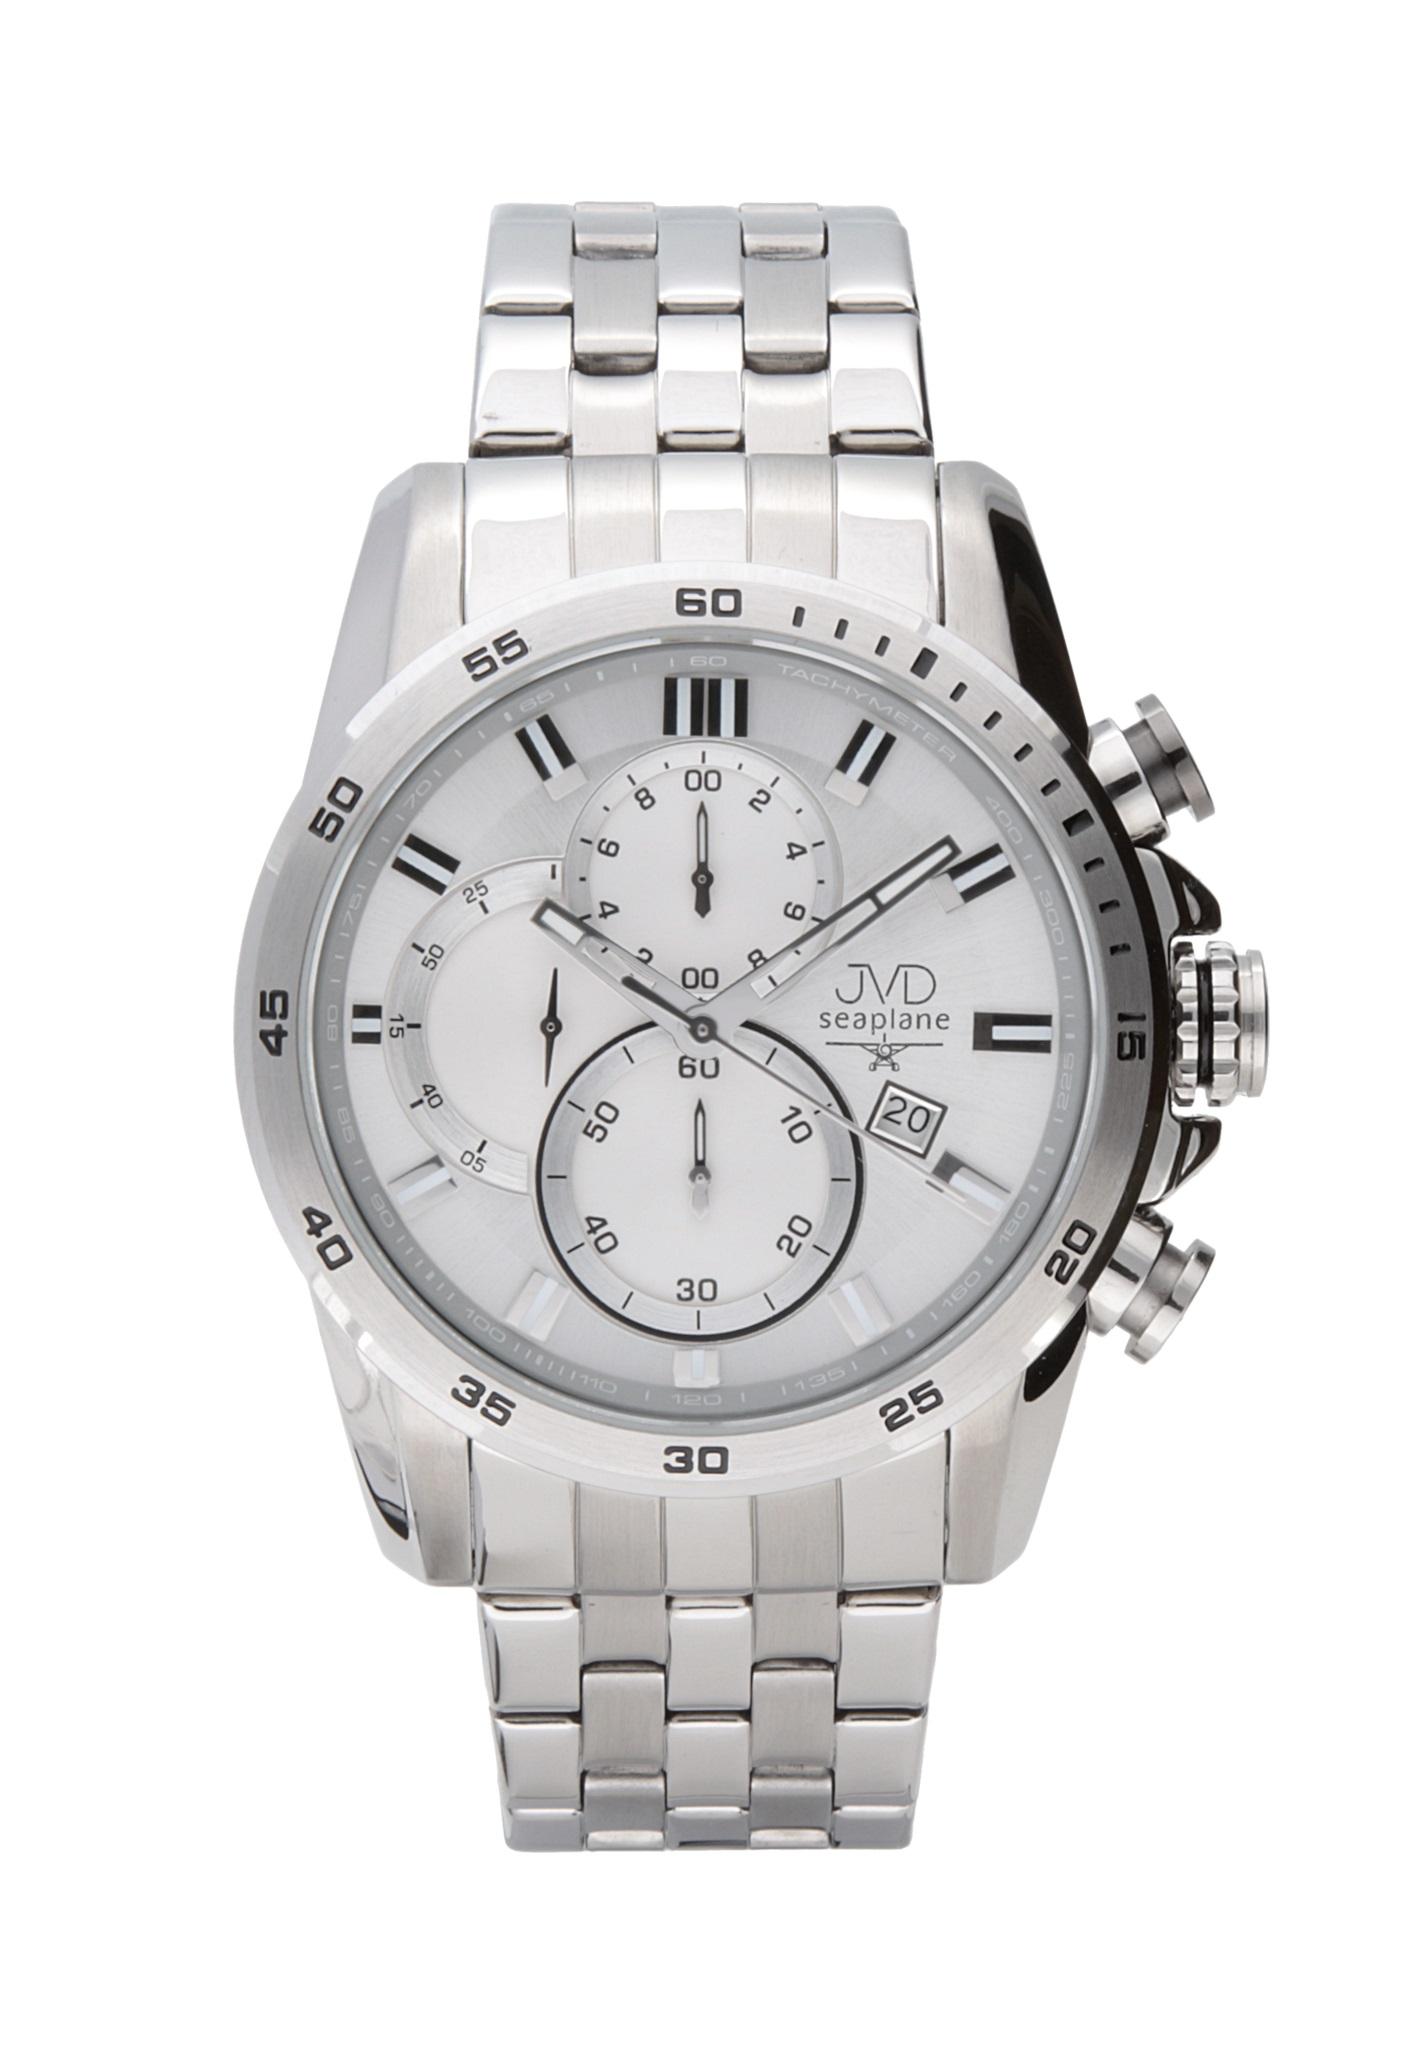 256d090940d Ocelové vodotěsné chronografy náramkové hodinky JVD seaplane JS22.2 10ATM